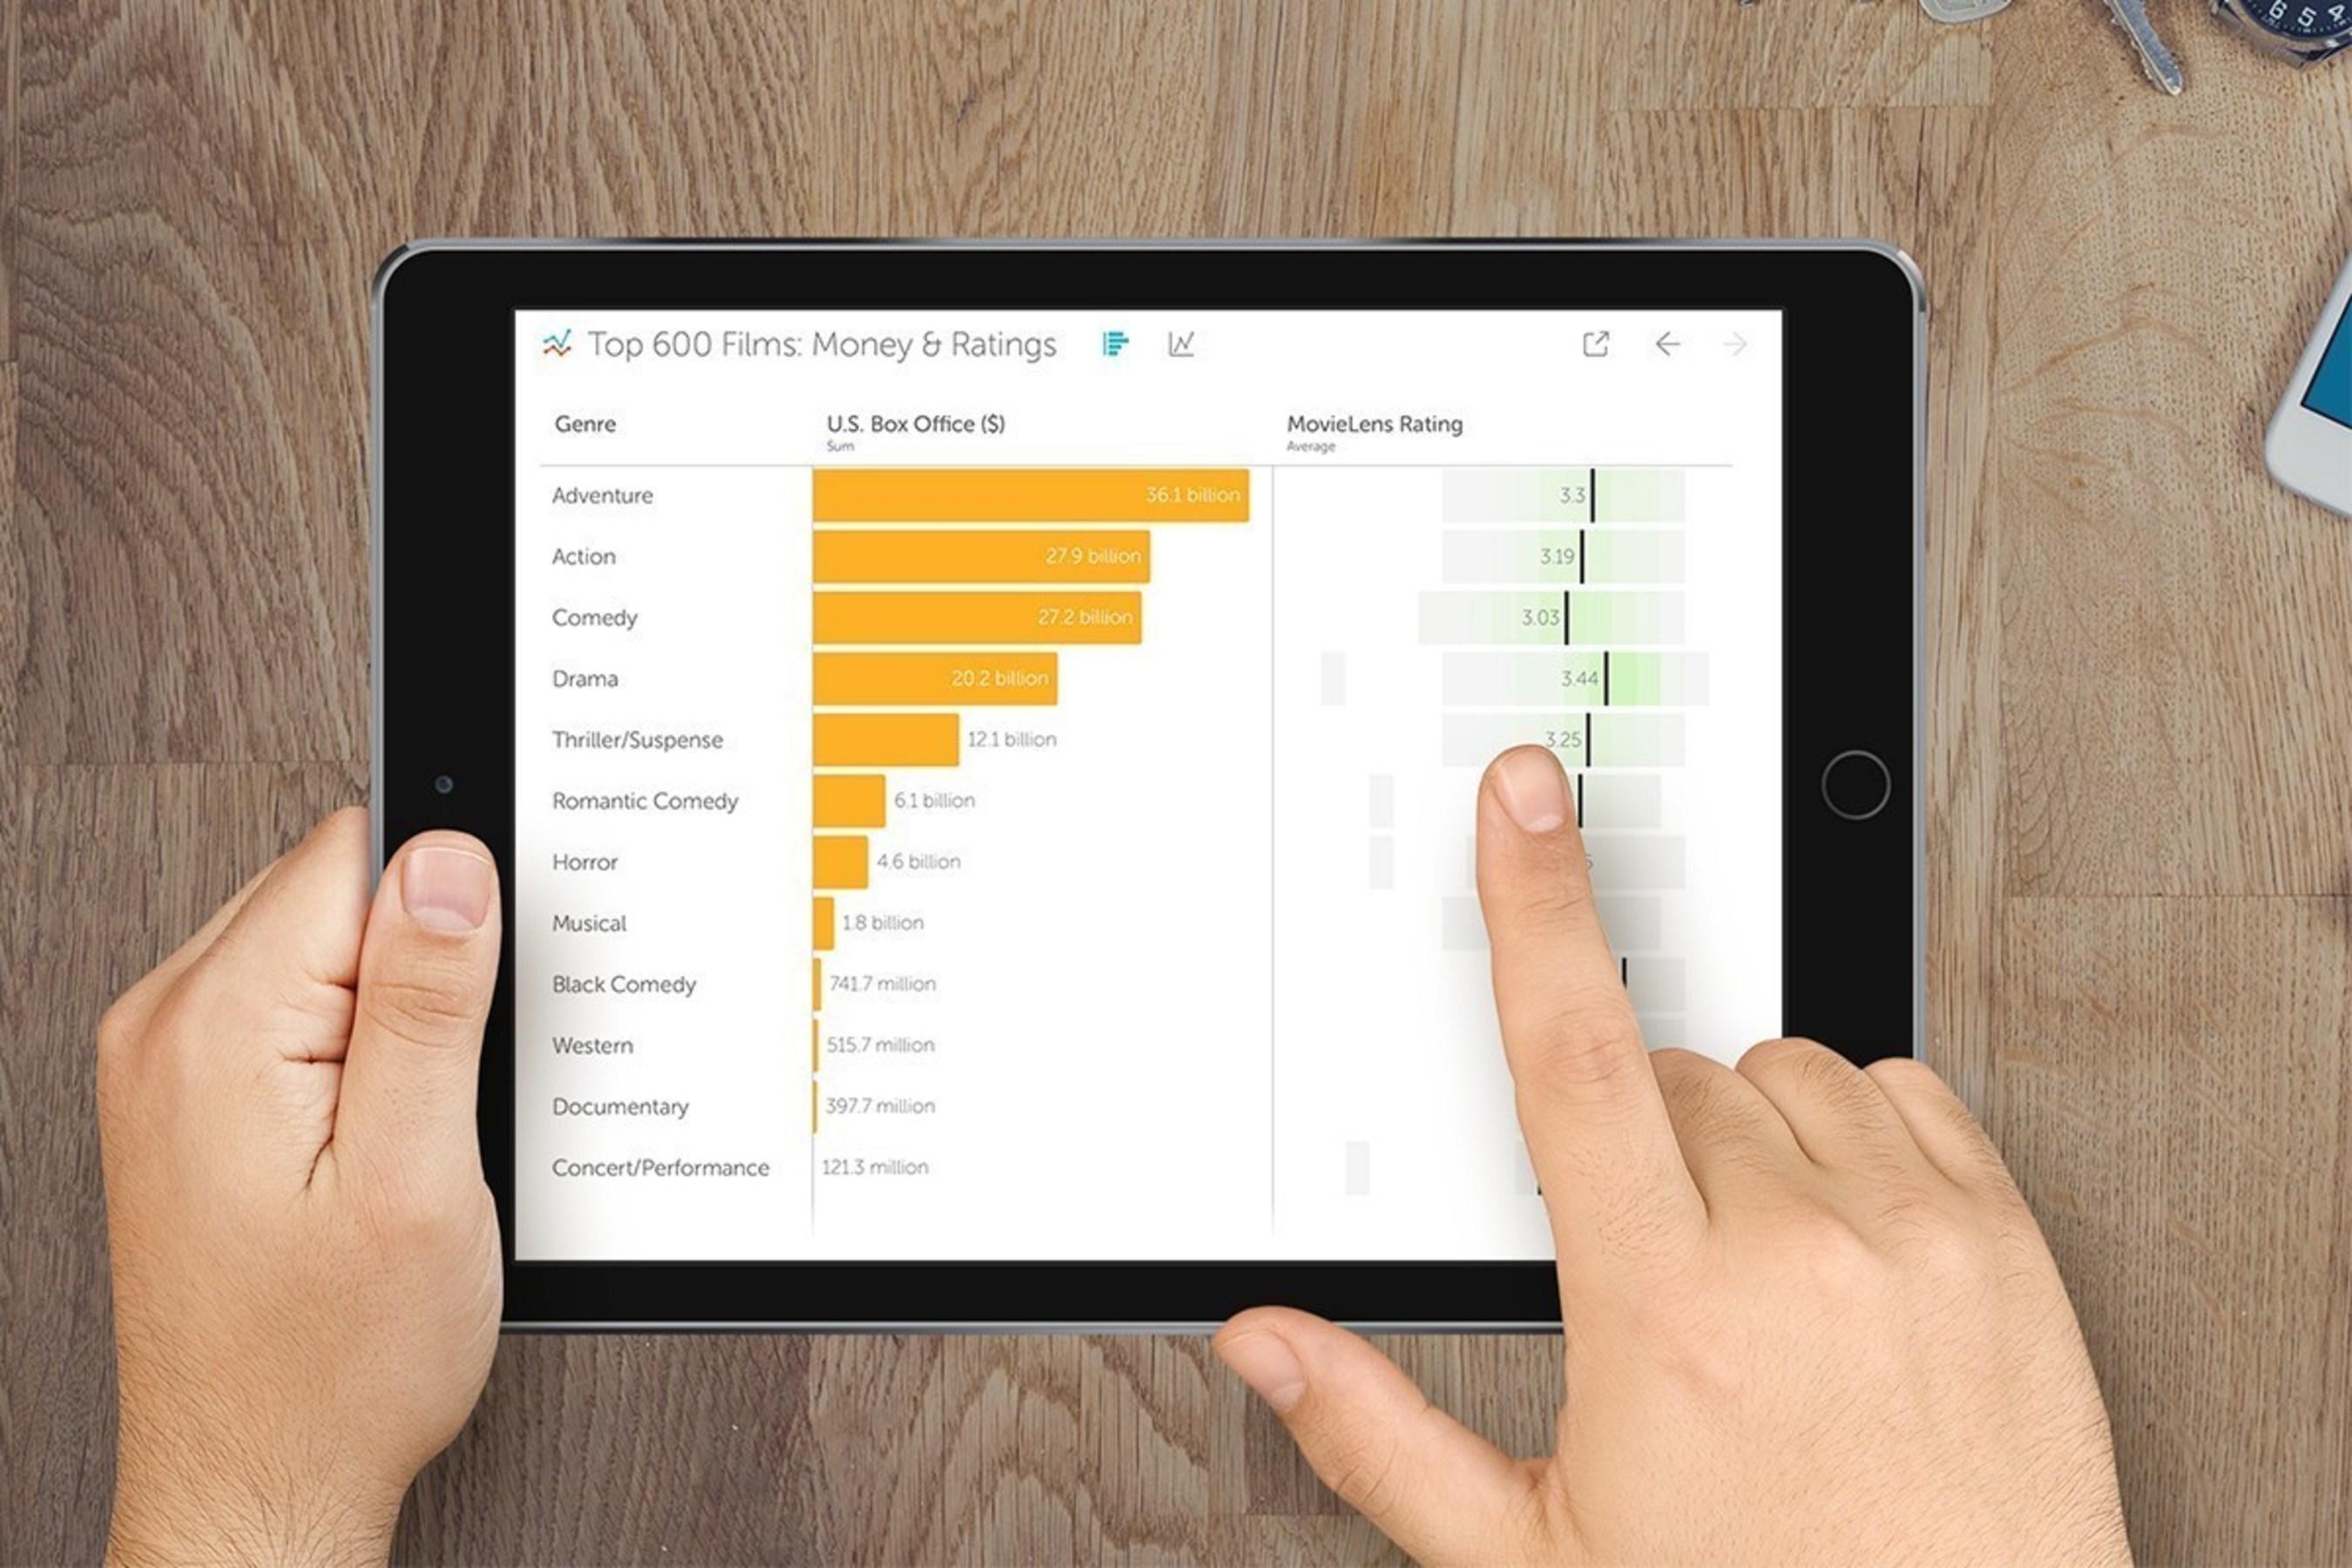 Tableau stellt mit Vizable eine bahnbrechende Mobile App für Datenexploration vor